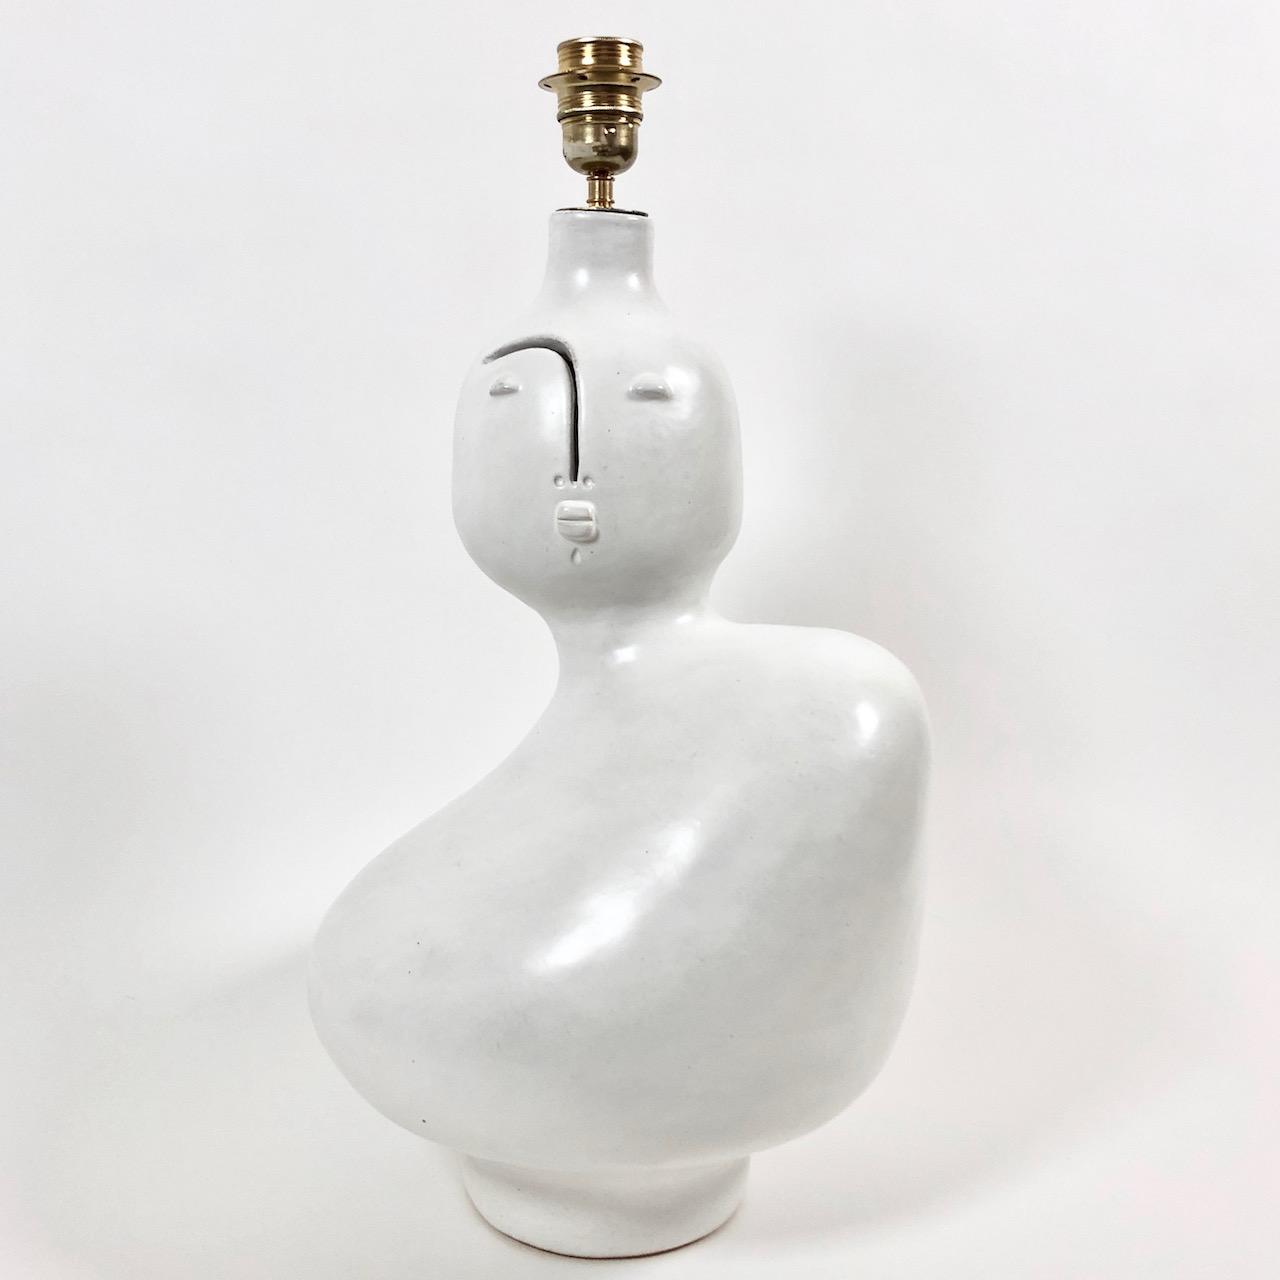 DaLo - Grand pied de lampe blanc